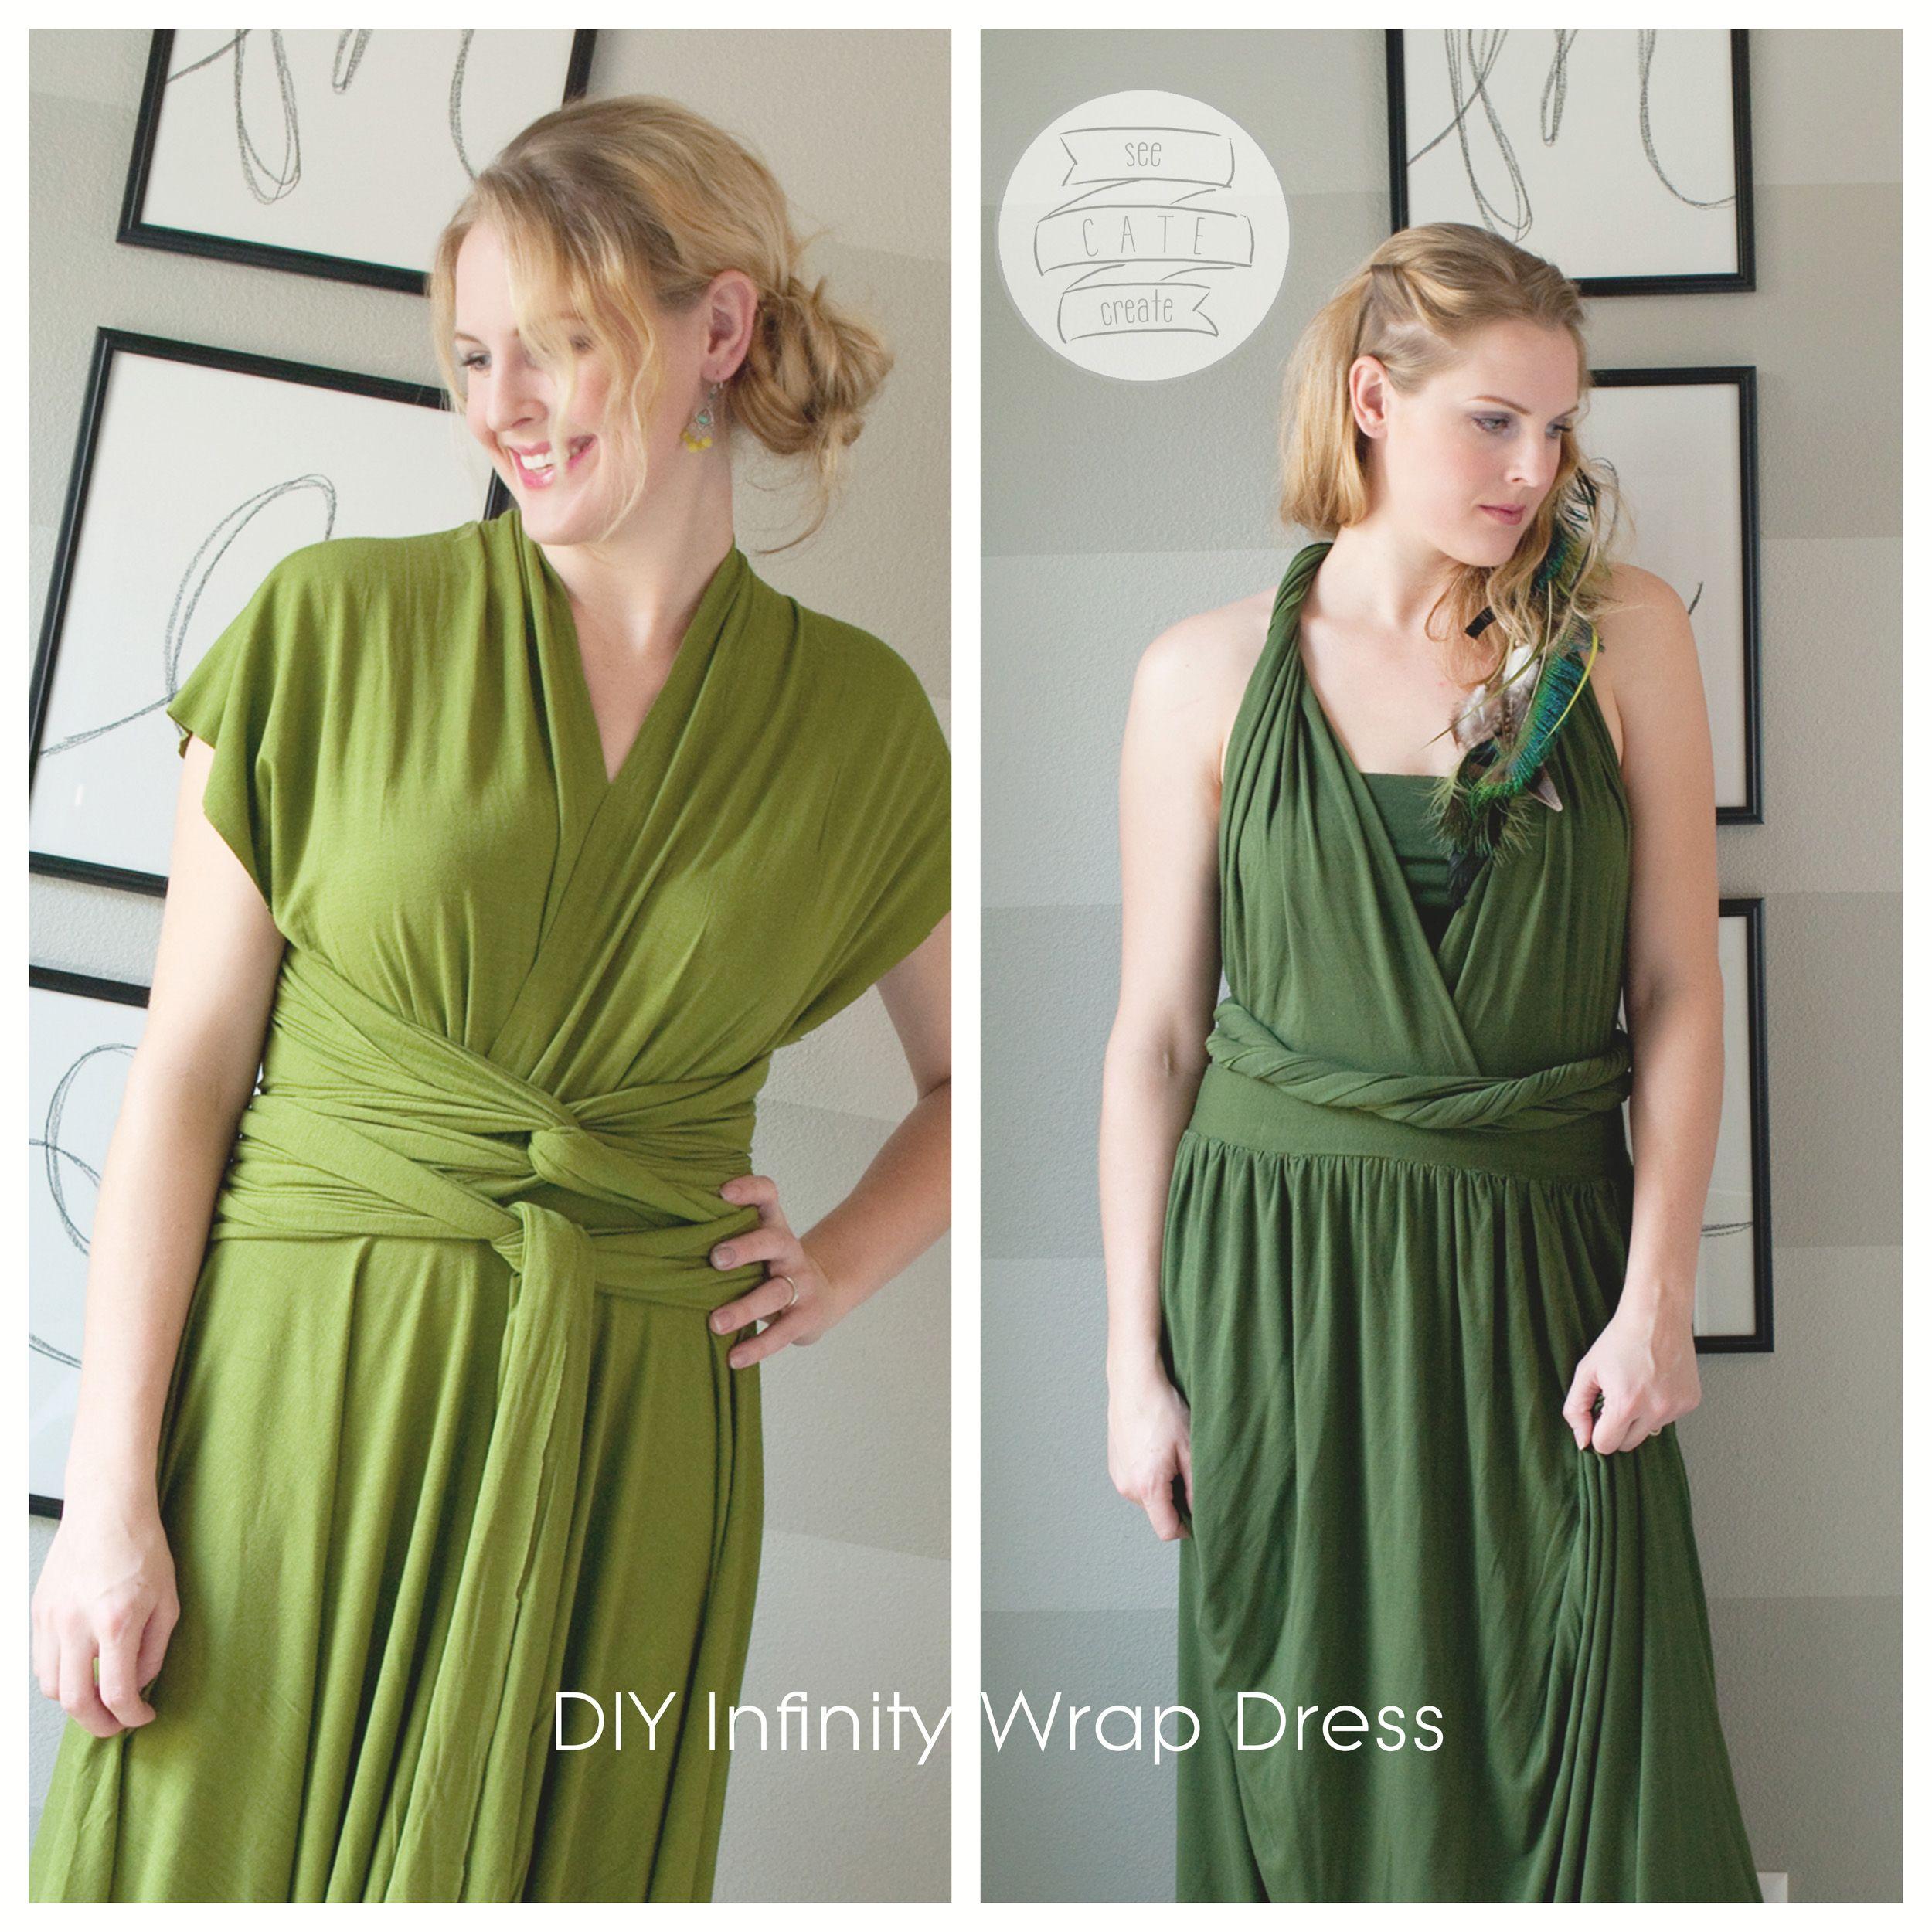 Infinity Dress, Wickelkleid nähen - viele Tragevarianten möglich ...